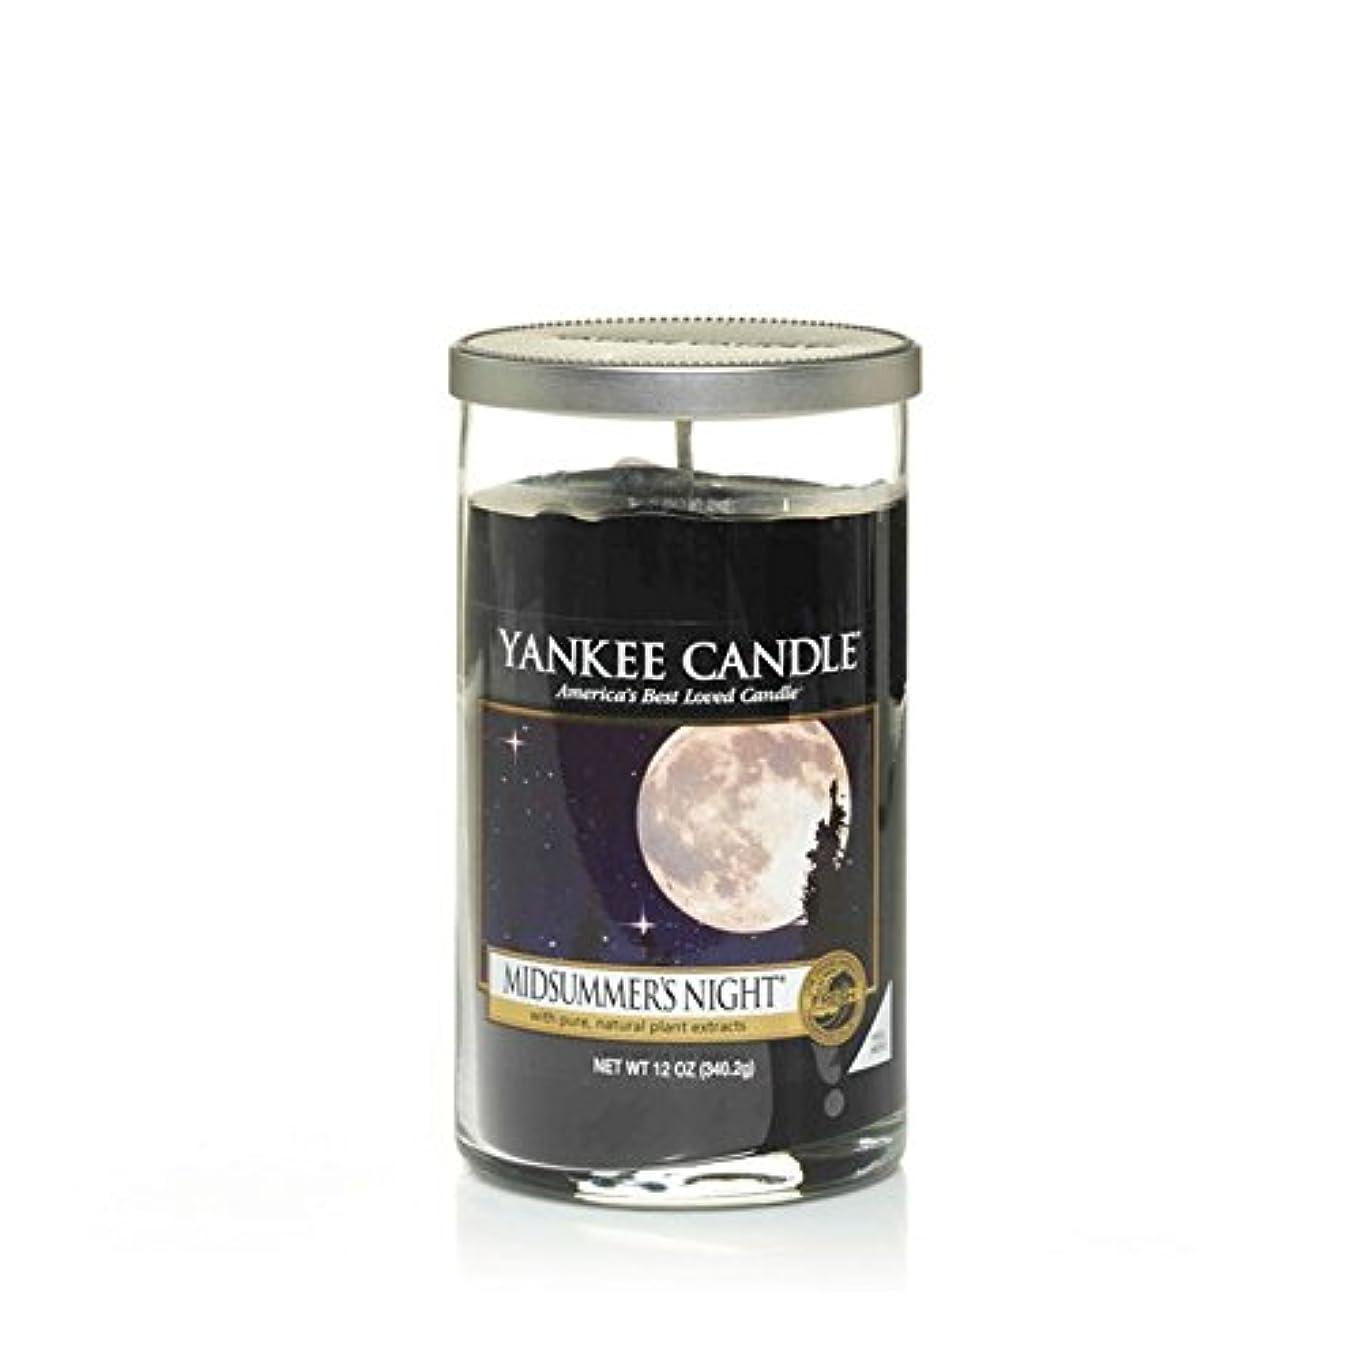 公園検索同化するYankee Candles Medium Pillar Candle - Midsummers Night (Pack of 2) - ヤンキーキャンドルメディアピラーキャンドル - Midsummersの夜 (x2)...